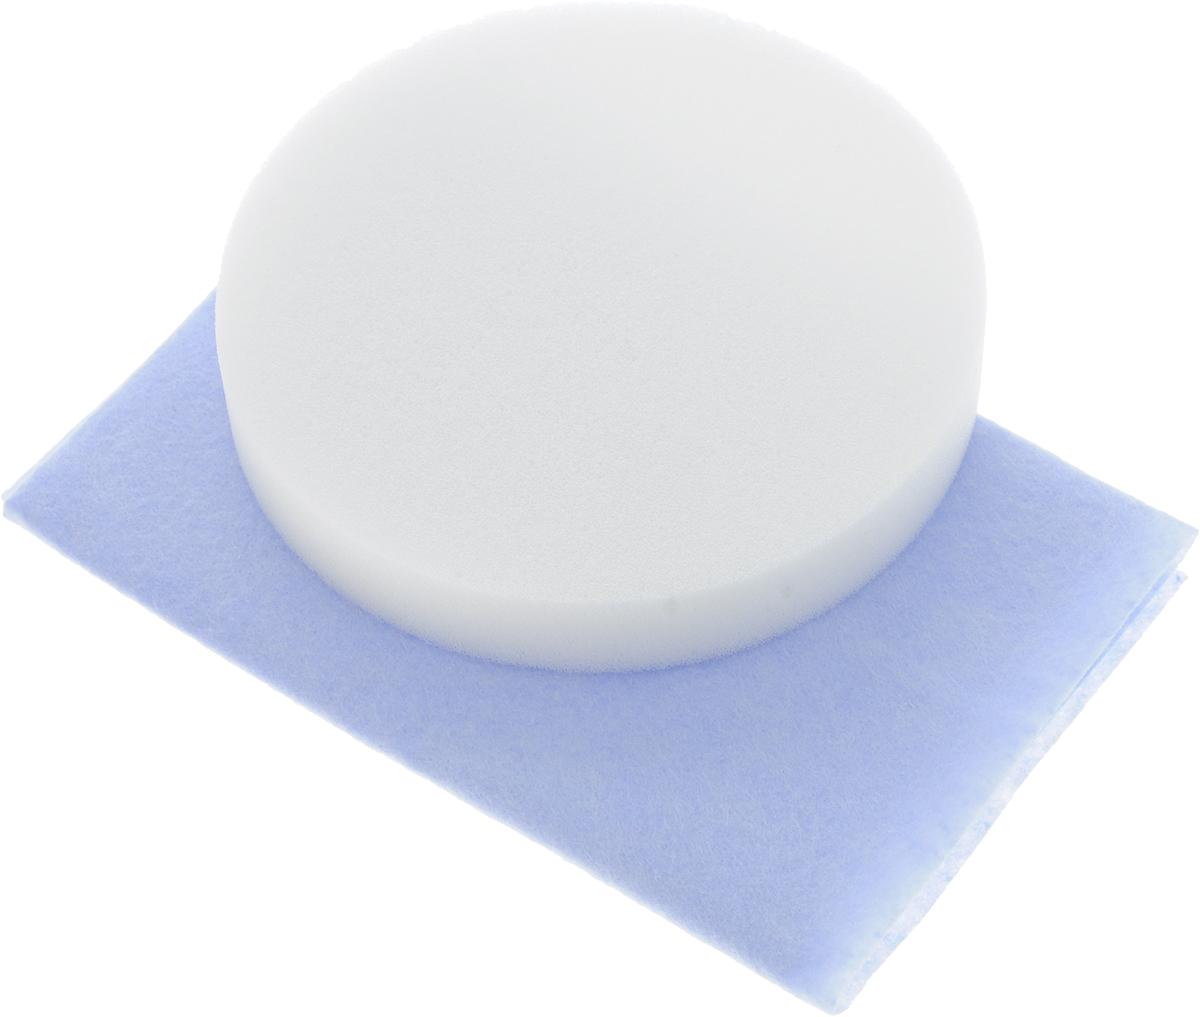 Набор салфеток для полировки автомобиля Runway, цвет: голубой, белый, 2 штRW646_голубой, белыйНабор салфеток для полировки автомобиля Runway состоит из вискозной салфетки и губки. Набор прекрасно полирует автомобиль. Для нанесения полироли используйте вискозную салфетку. Небольшое количество полироли выдавите не салфетку и равномерно нанесите на лакокрасочное покрытие автомобиля. Окончательно располируйте нанесенную полироль губкой. Набор подходит для многократного применения.Размер салфетки: 30 х 30 см.Диаметр губки: 12 см.